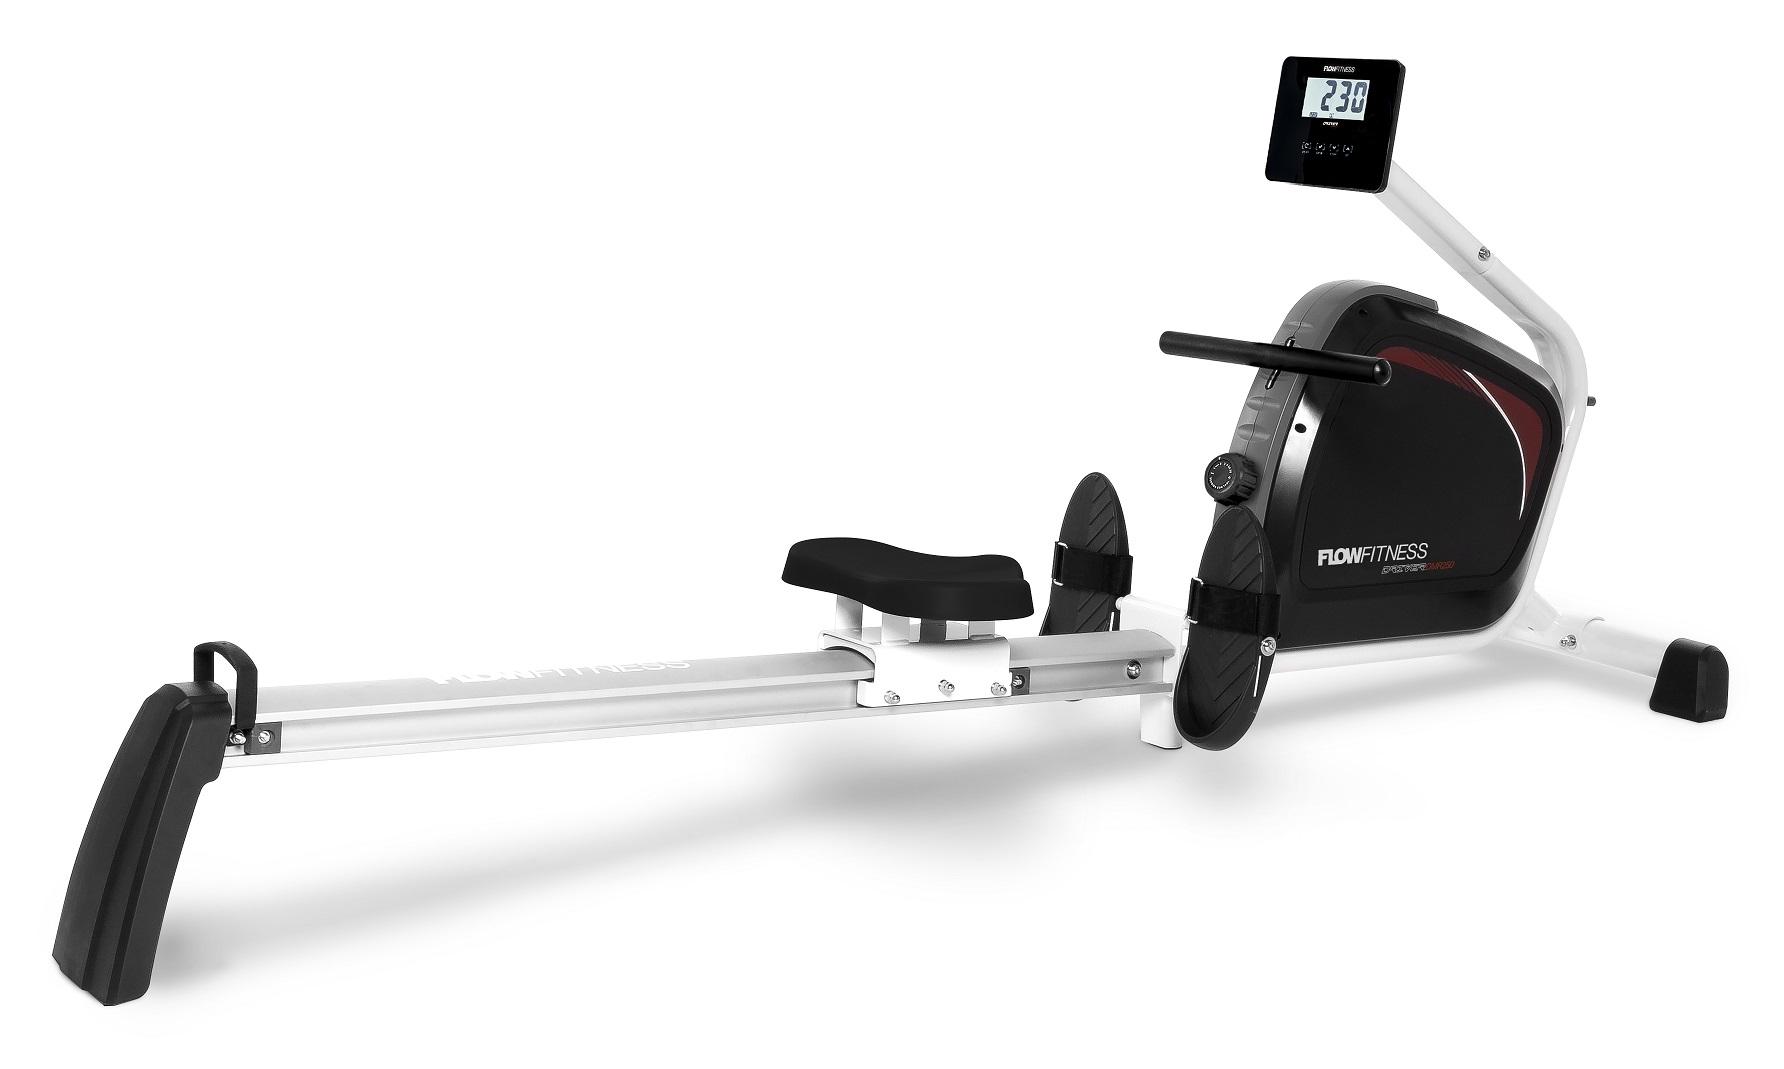 Veslovací trenažér FLOW Fitness DMR250 + zajištění servisu u Vás doma a rozšířená záruka 120 měsíců